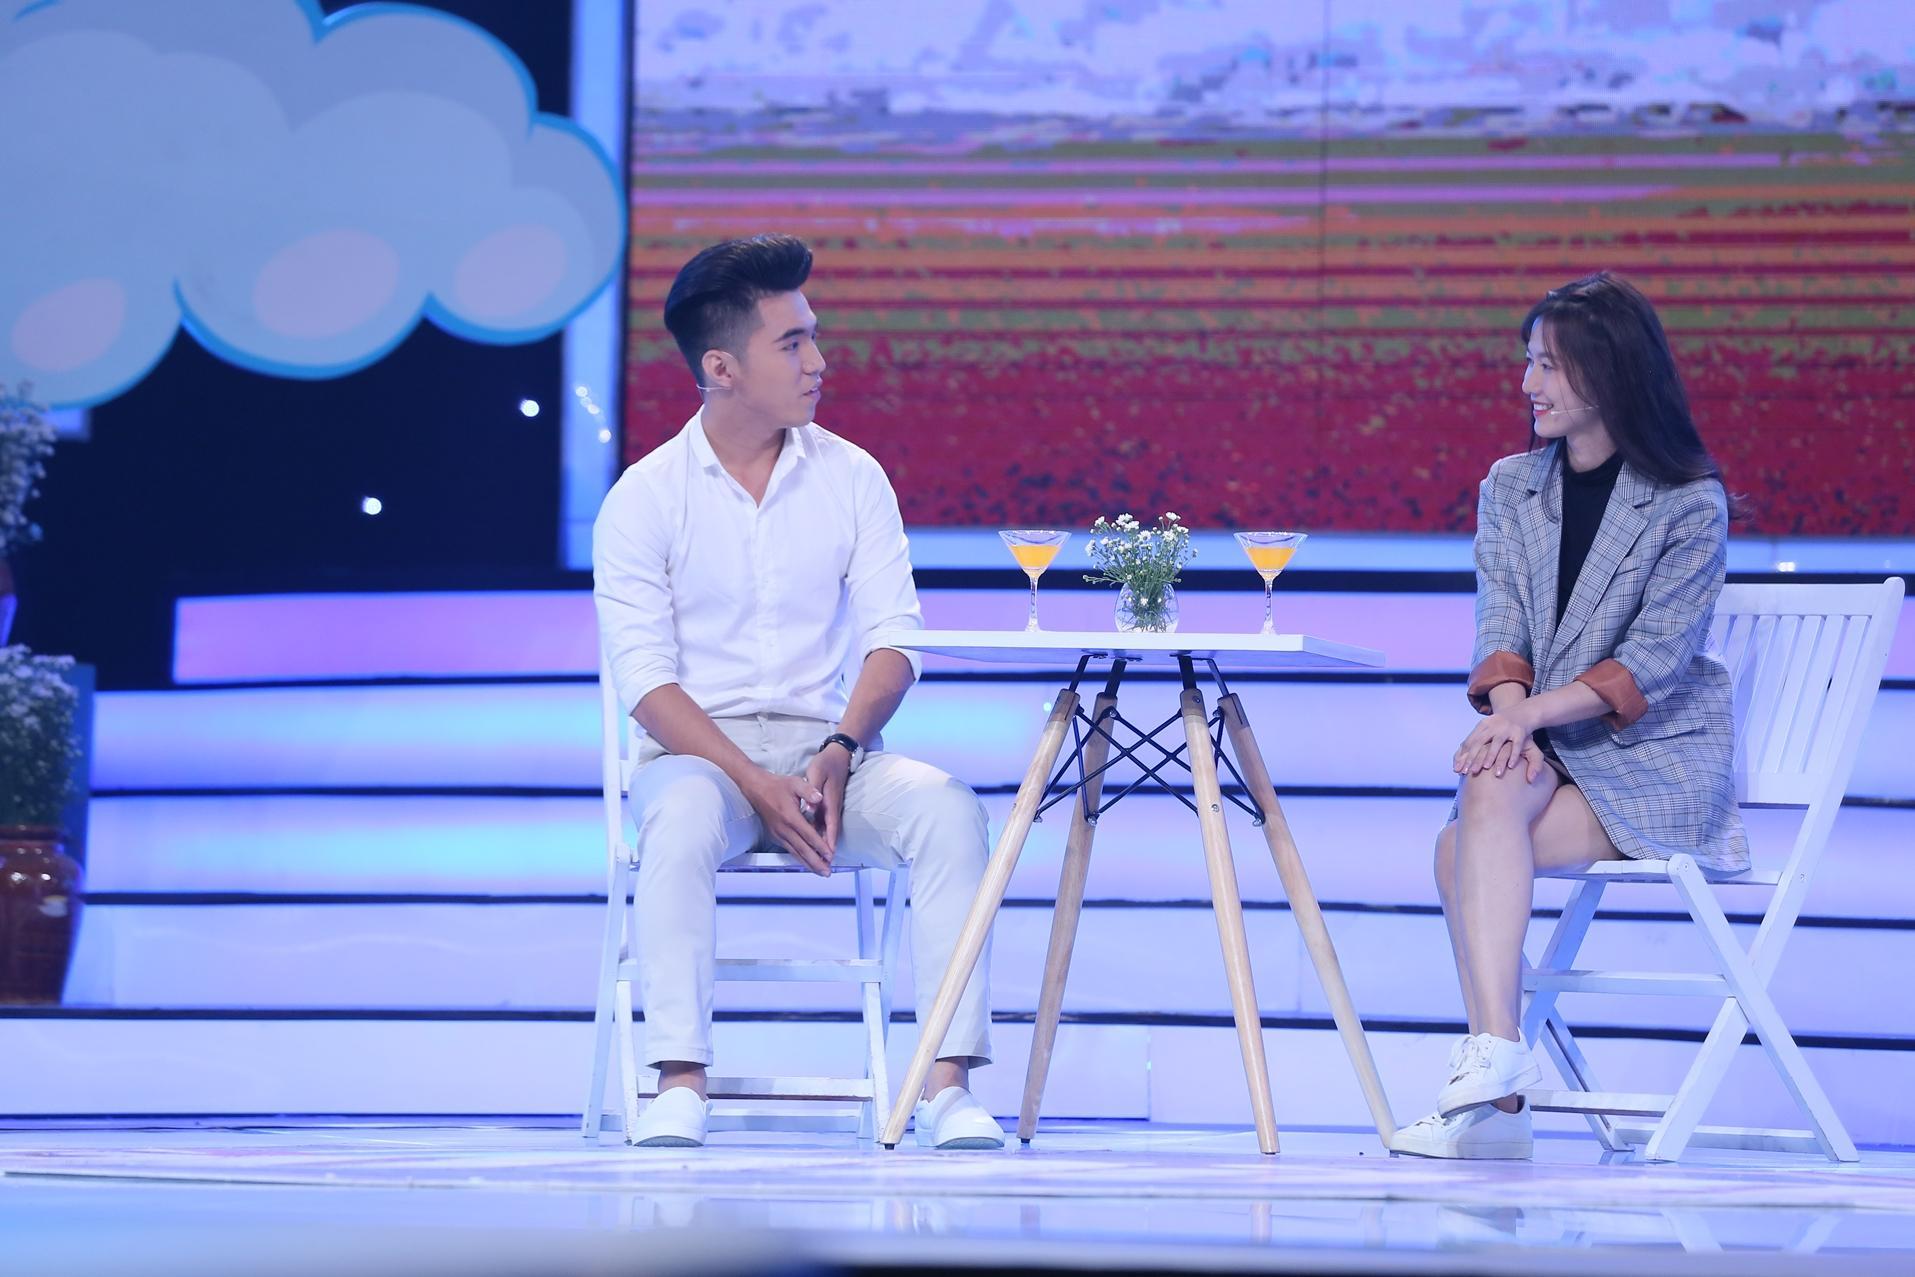 Vì yêu mà đến: Lần thứ 3 được tỏ tình nhưng Oanh Kiều chỉ coi trai trẻ kém 8 tuổi là Em trai mưa-5